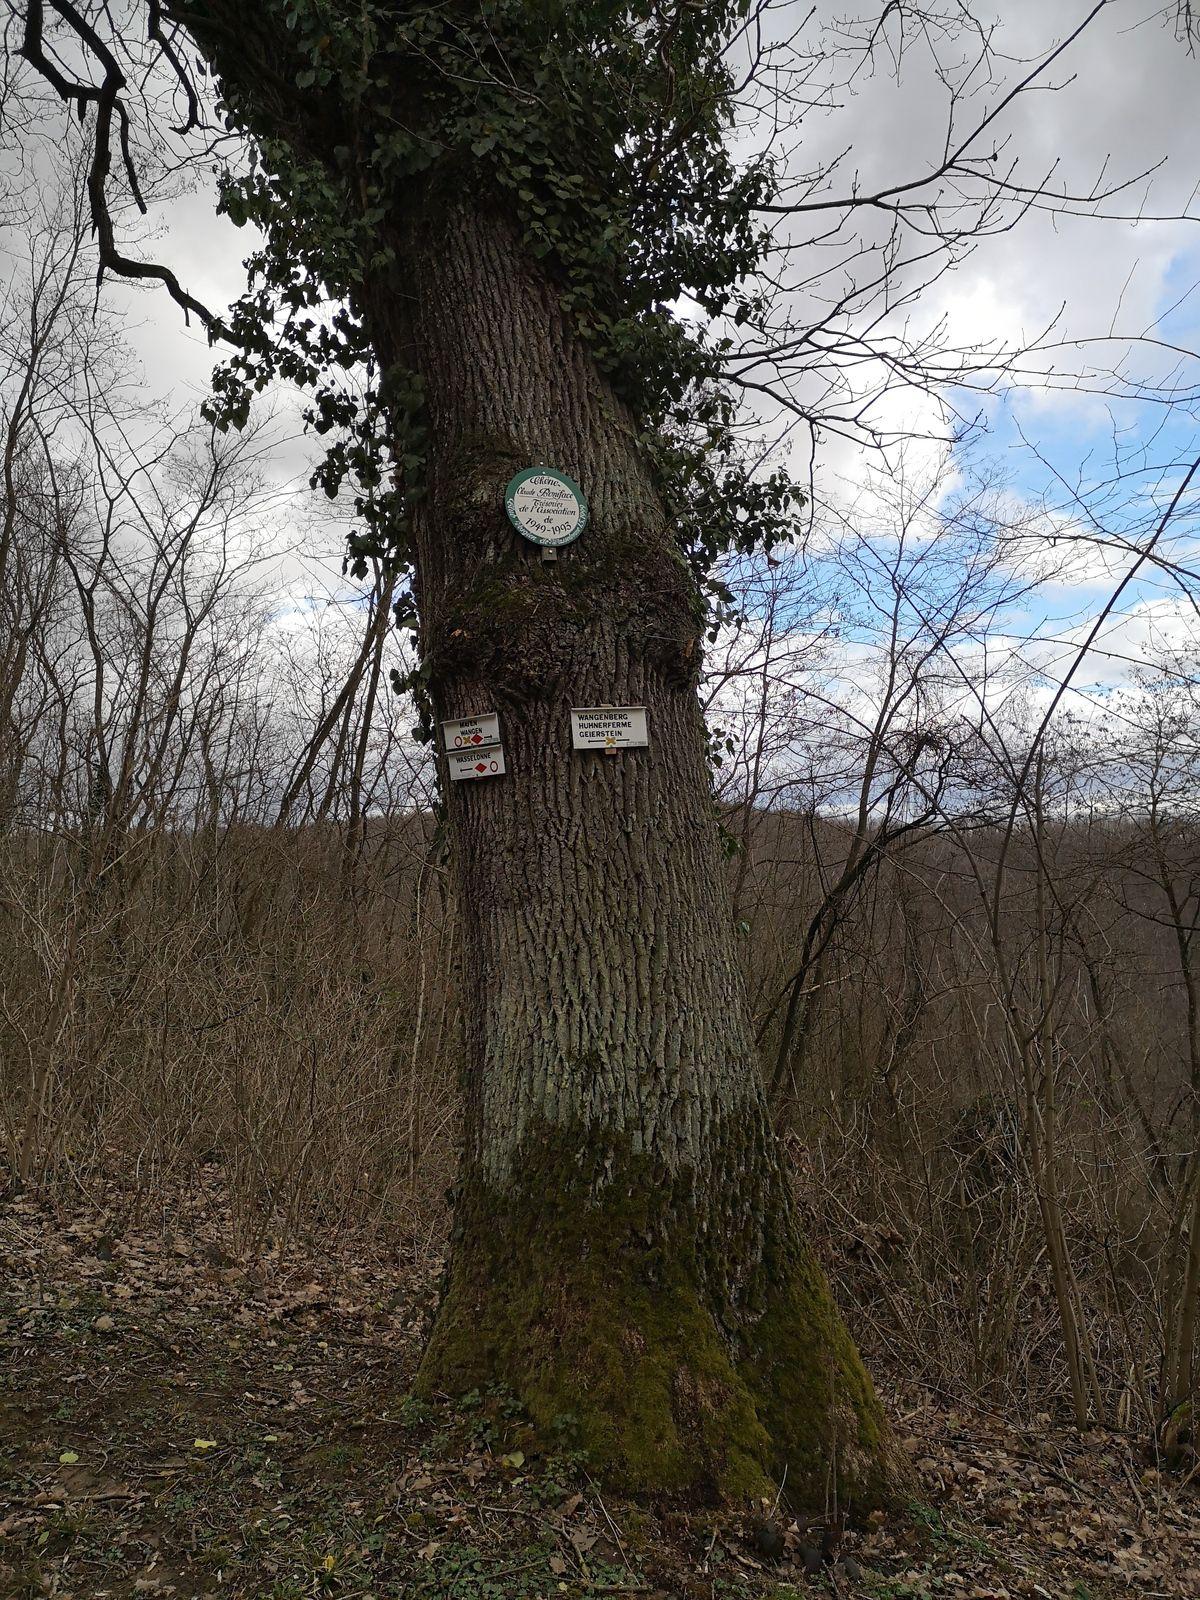 En longeant le Kronthal sur le sentier Stanislas-Kléber, je fis une première découverte. Le chêne Claude Boniface, appelé ainsi, en mémoire du trésorier du club vosgien de Wasselonne de 1949 à 1993.